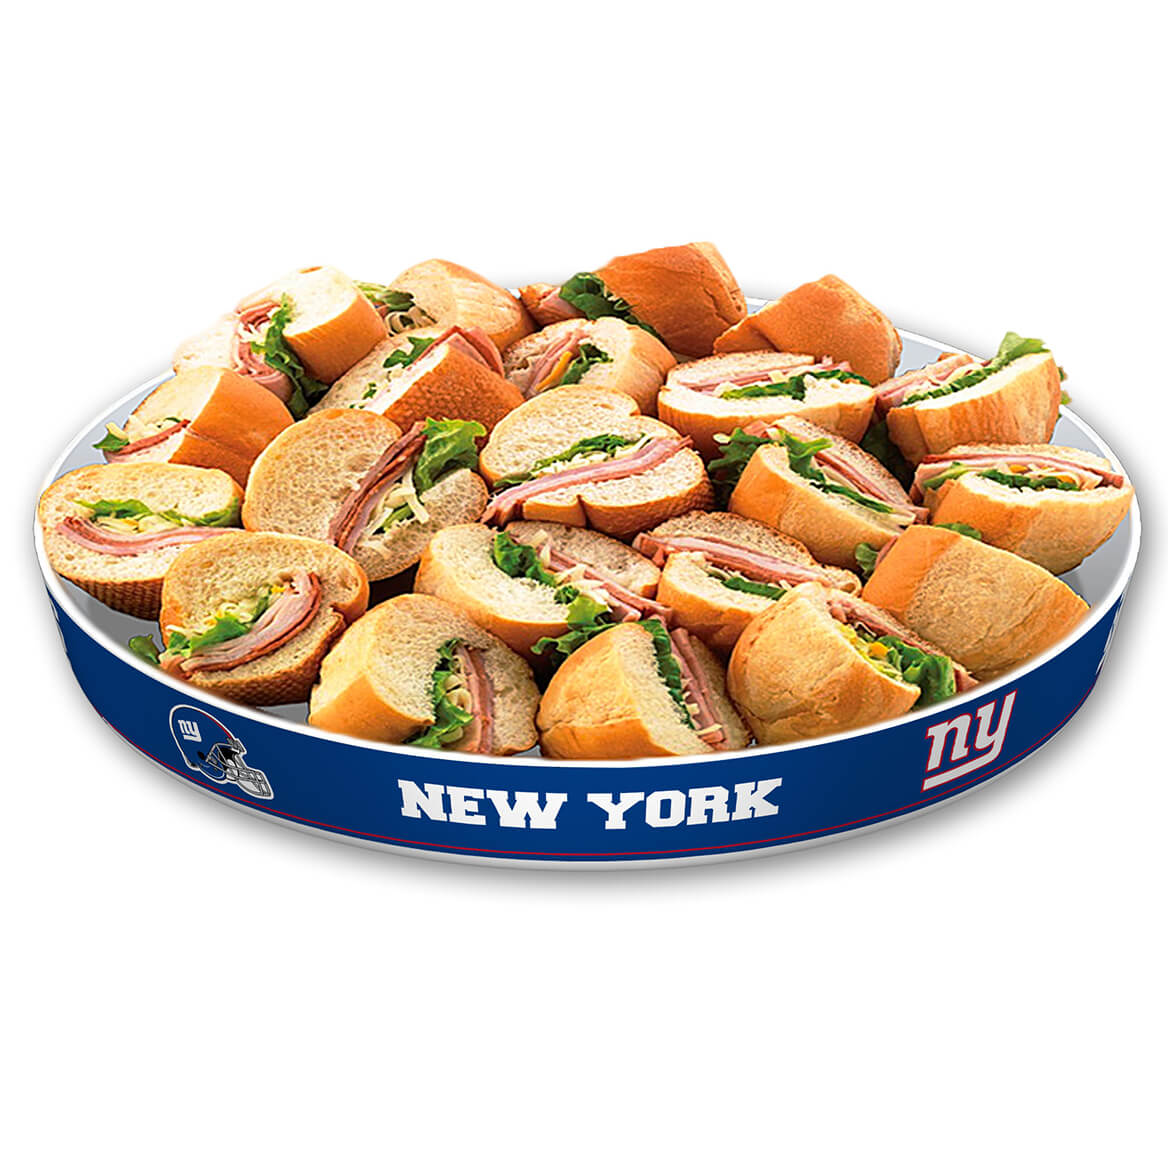 NFL Party Platter-363805